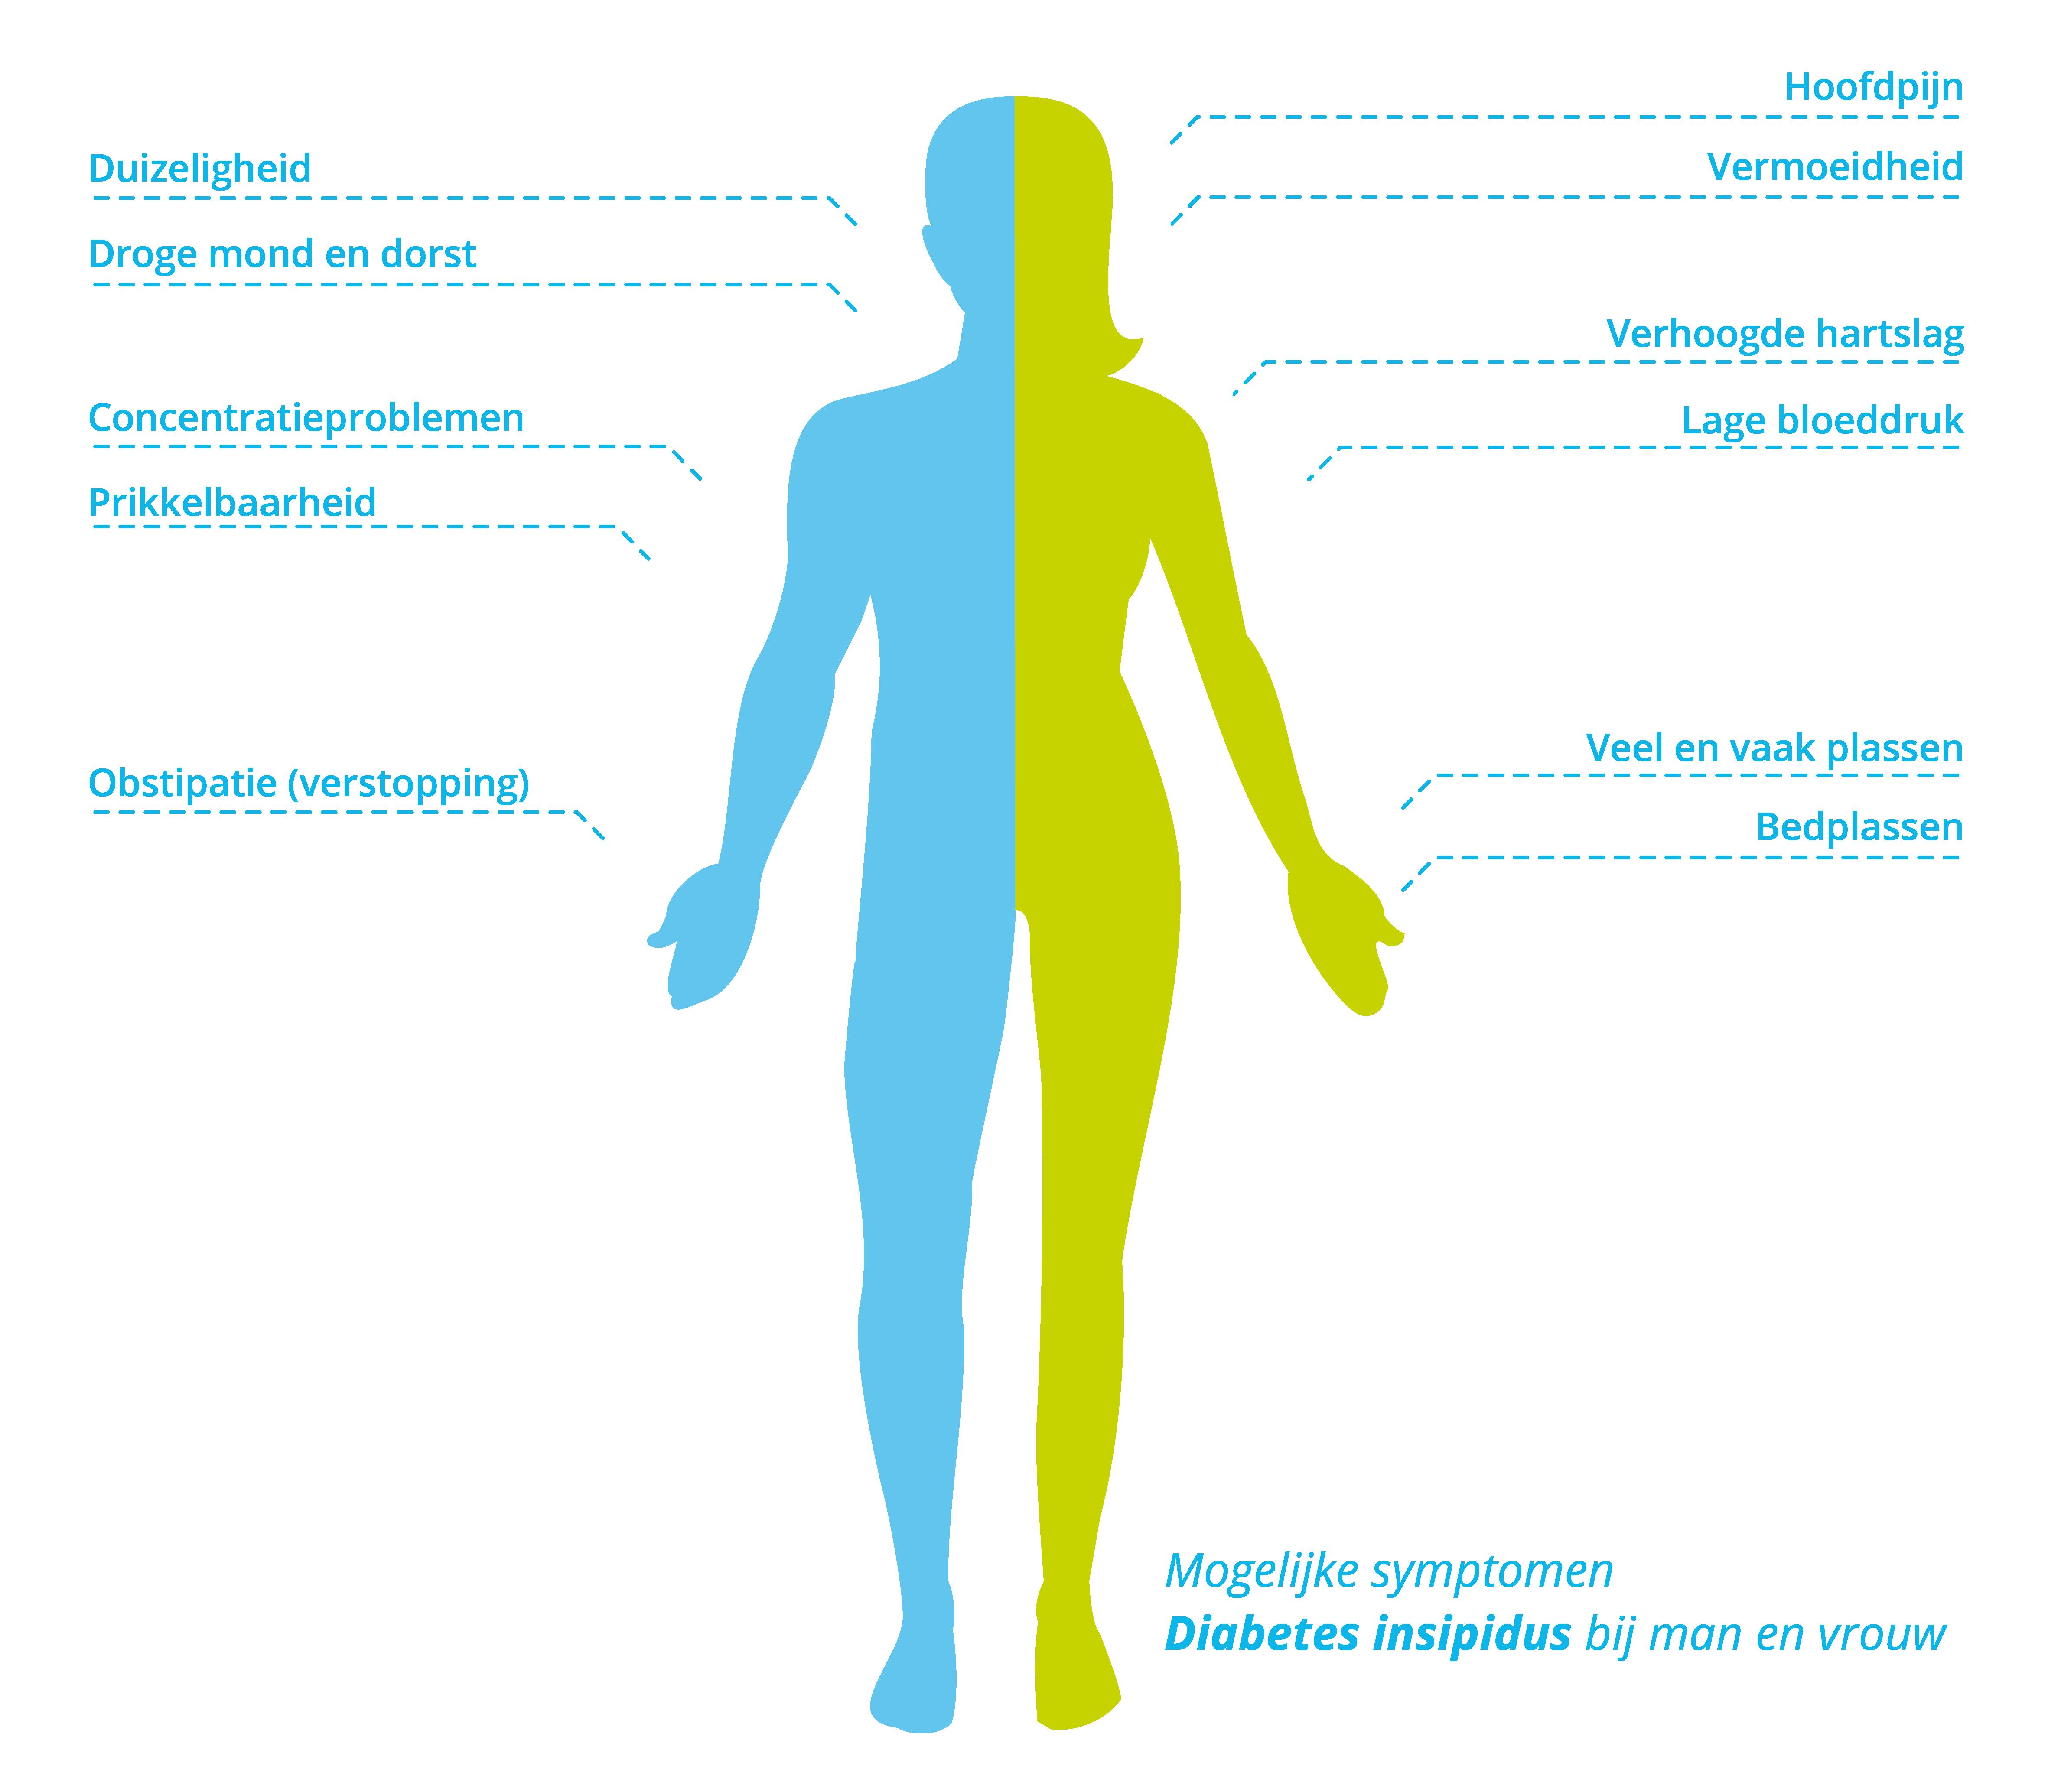 Symptomen van diabetes insipidus bij mannen en vrouwen